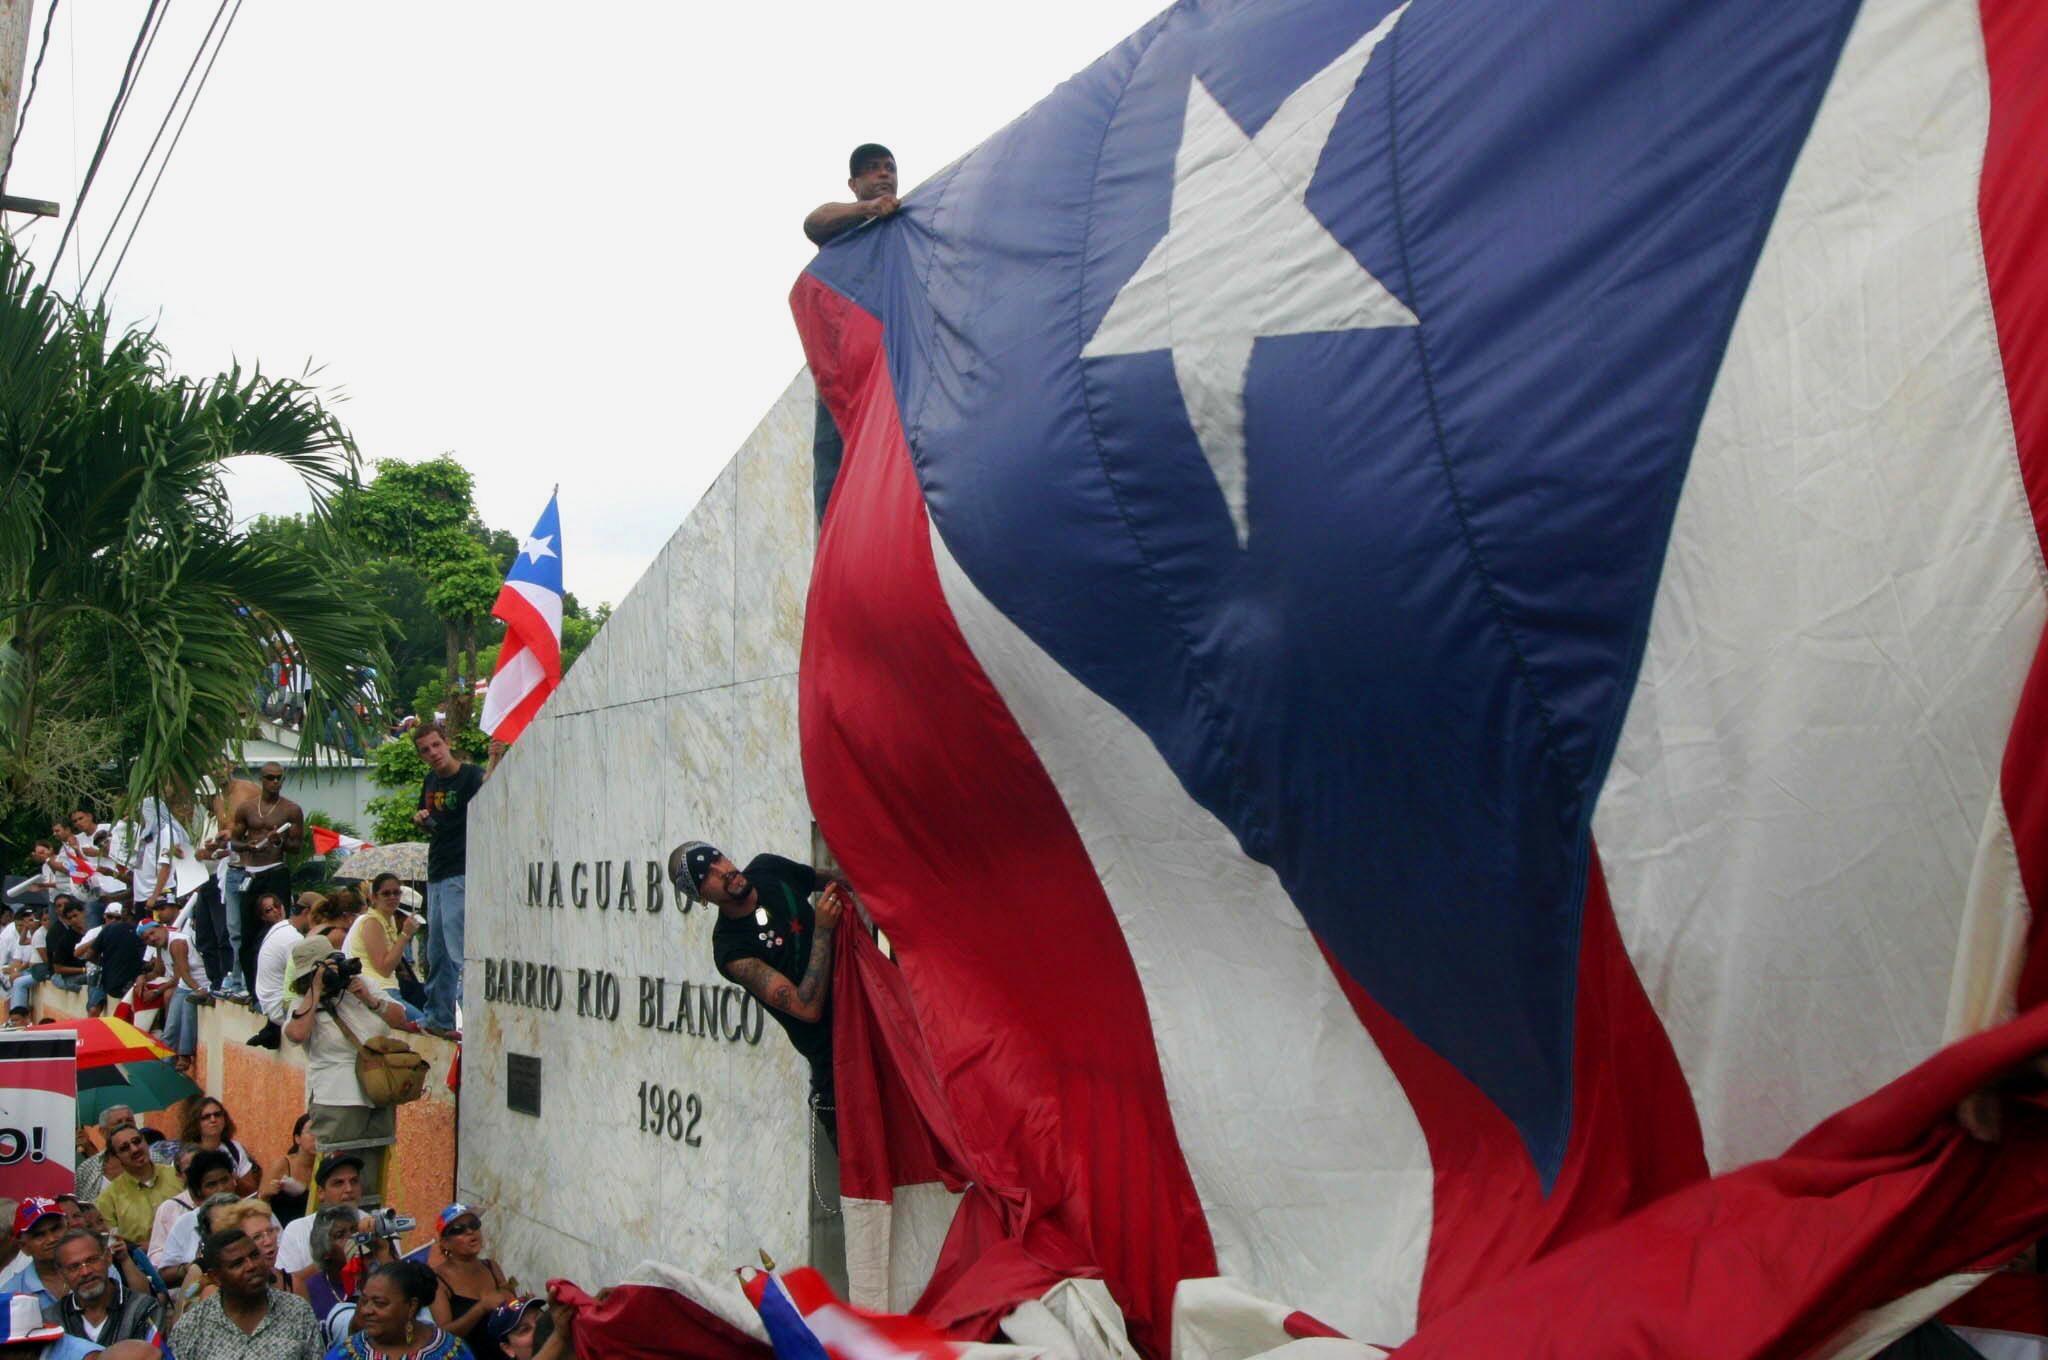 2013-09-19-10PuertoRicanflag.jpg